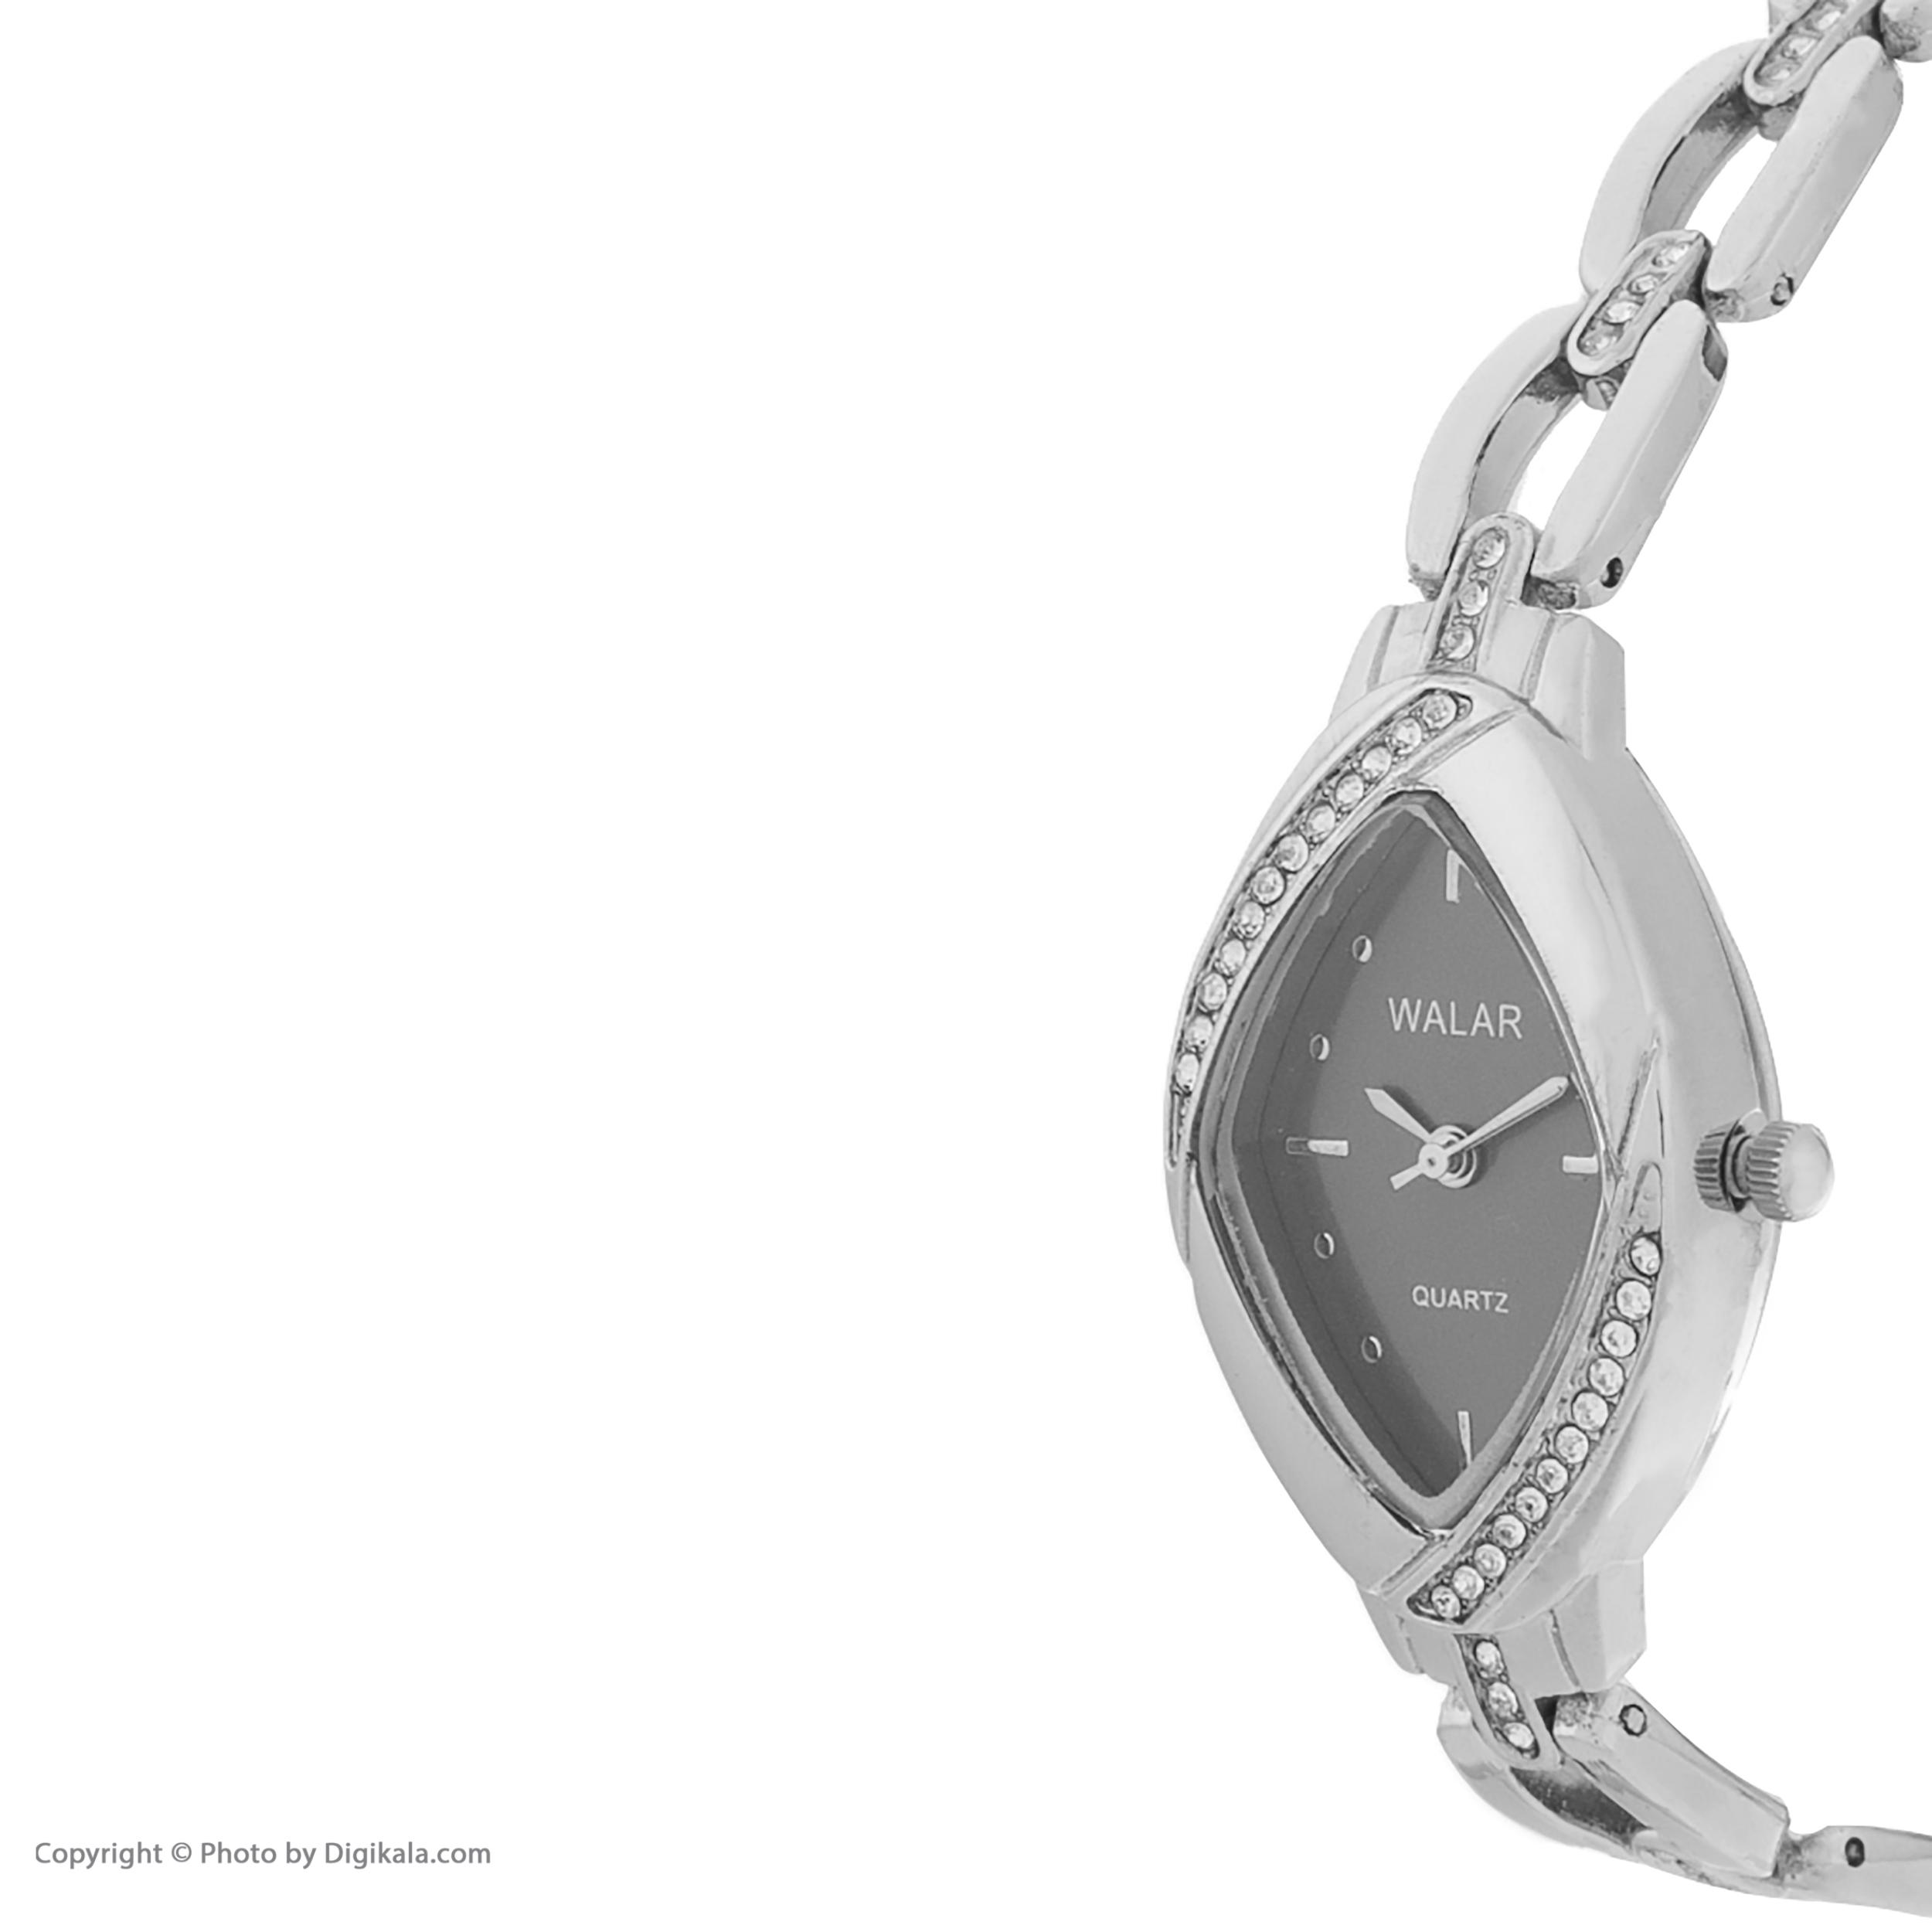 ساعت مچی عقربه ای زنانه والار مدل X75